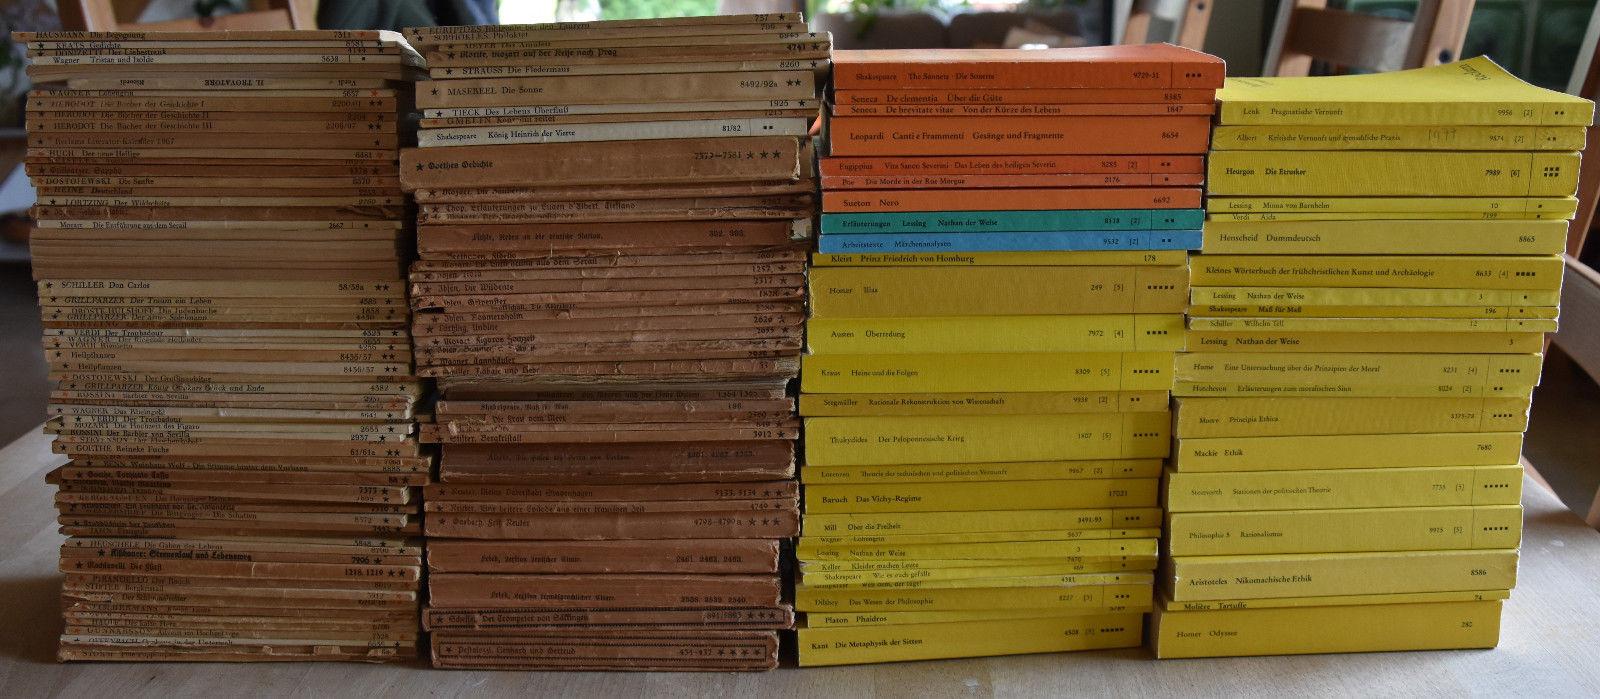 Sammlung: 157 Reclam-Hefte